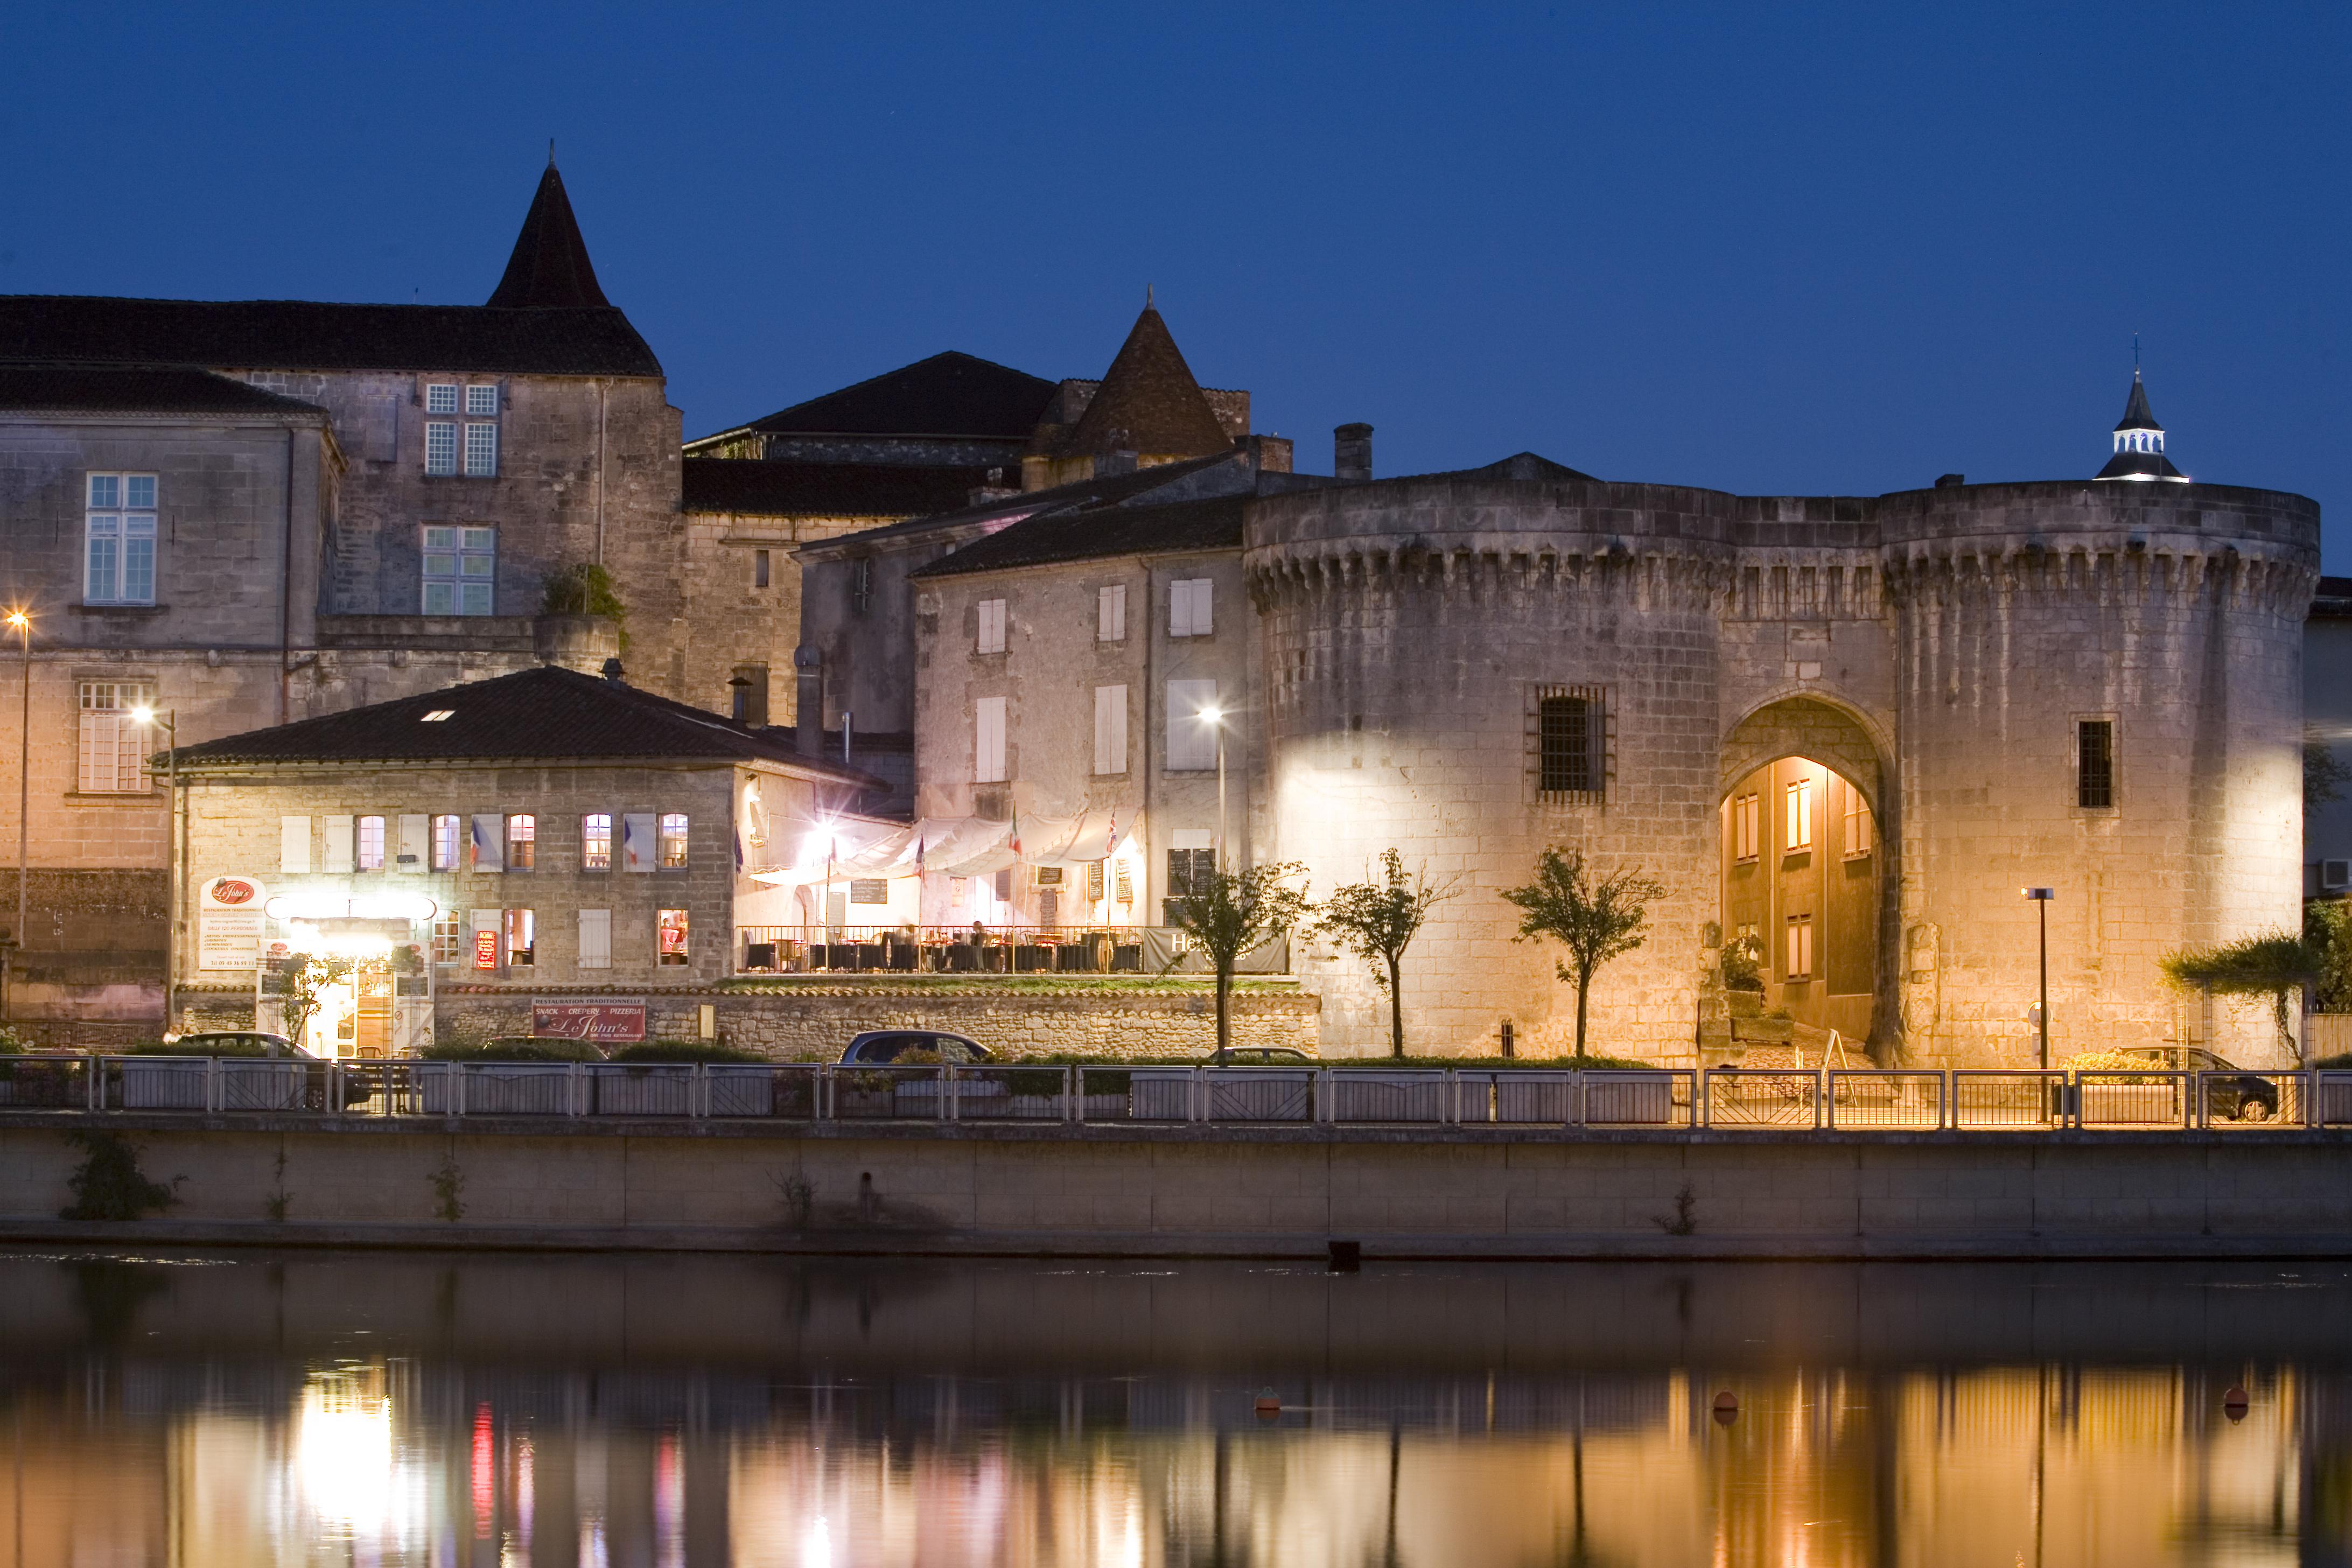 les tours saint jacques cognac charente encroisiere inter croisieres sireuil nicols.jpg